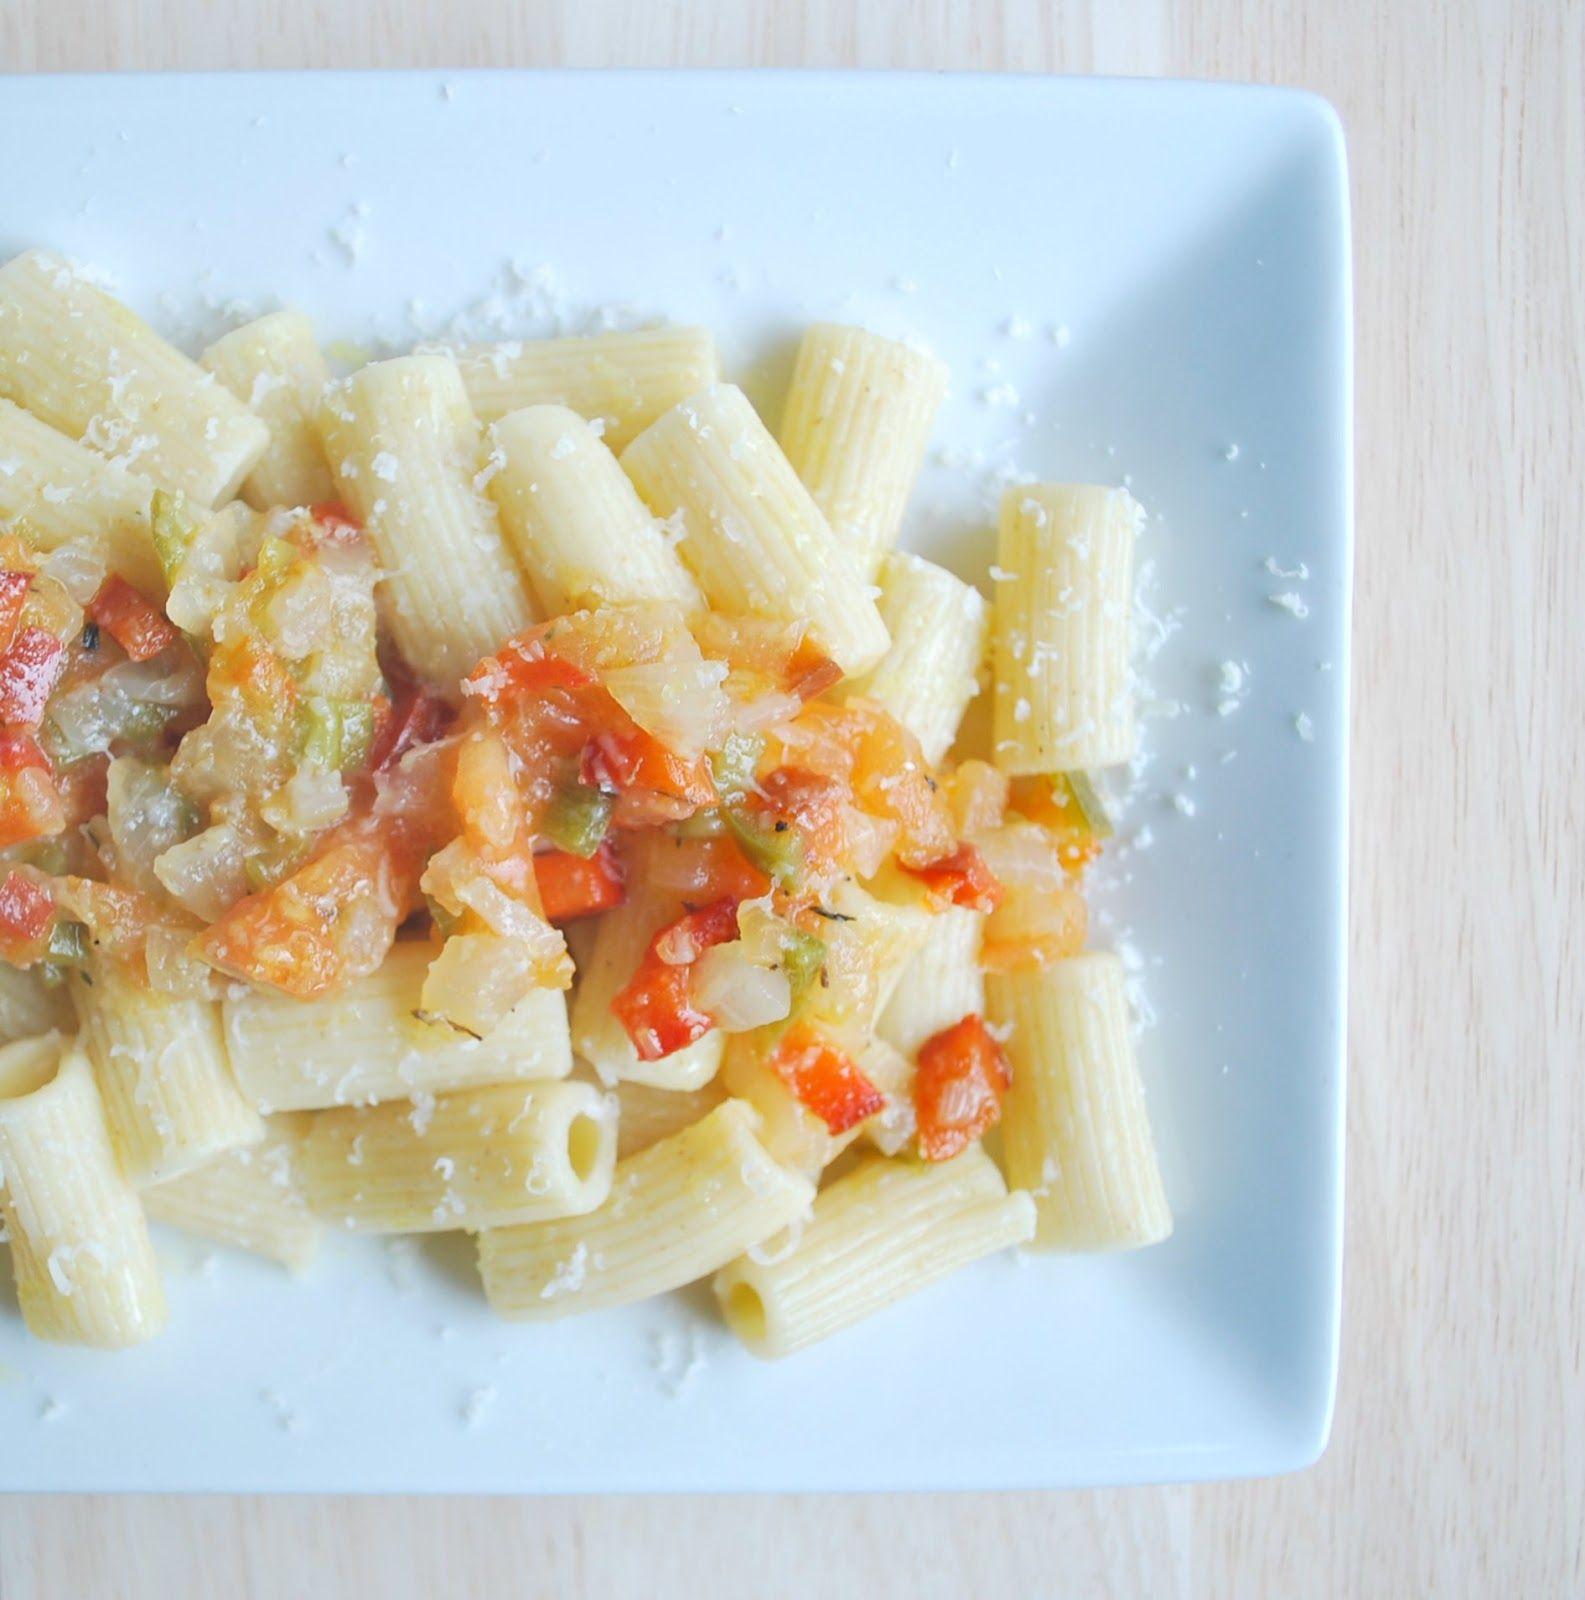 Macarrones Integrales Con Verduras Comer Pasta También Es Sano Macarrones Con Verduras Verduras Cocina Saludable